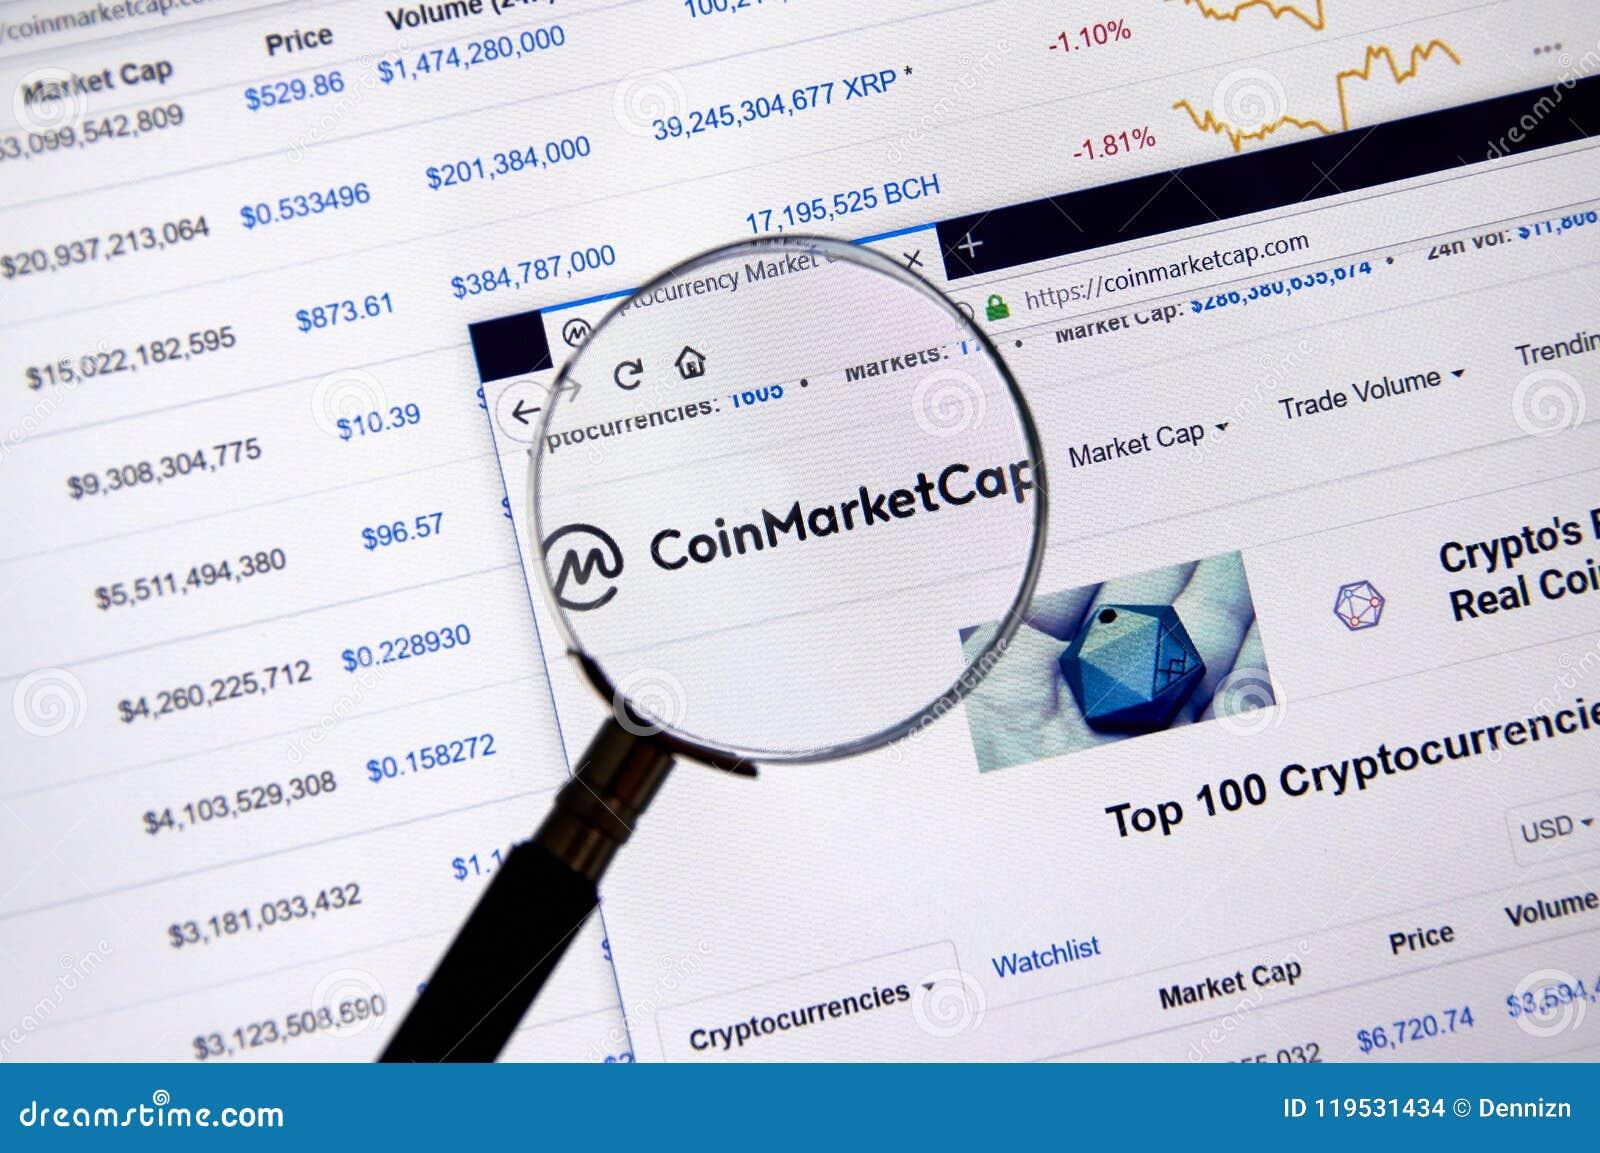 mtl btc coinmarketcap